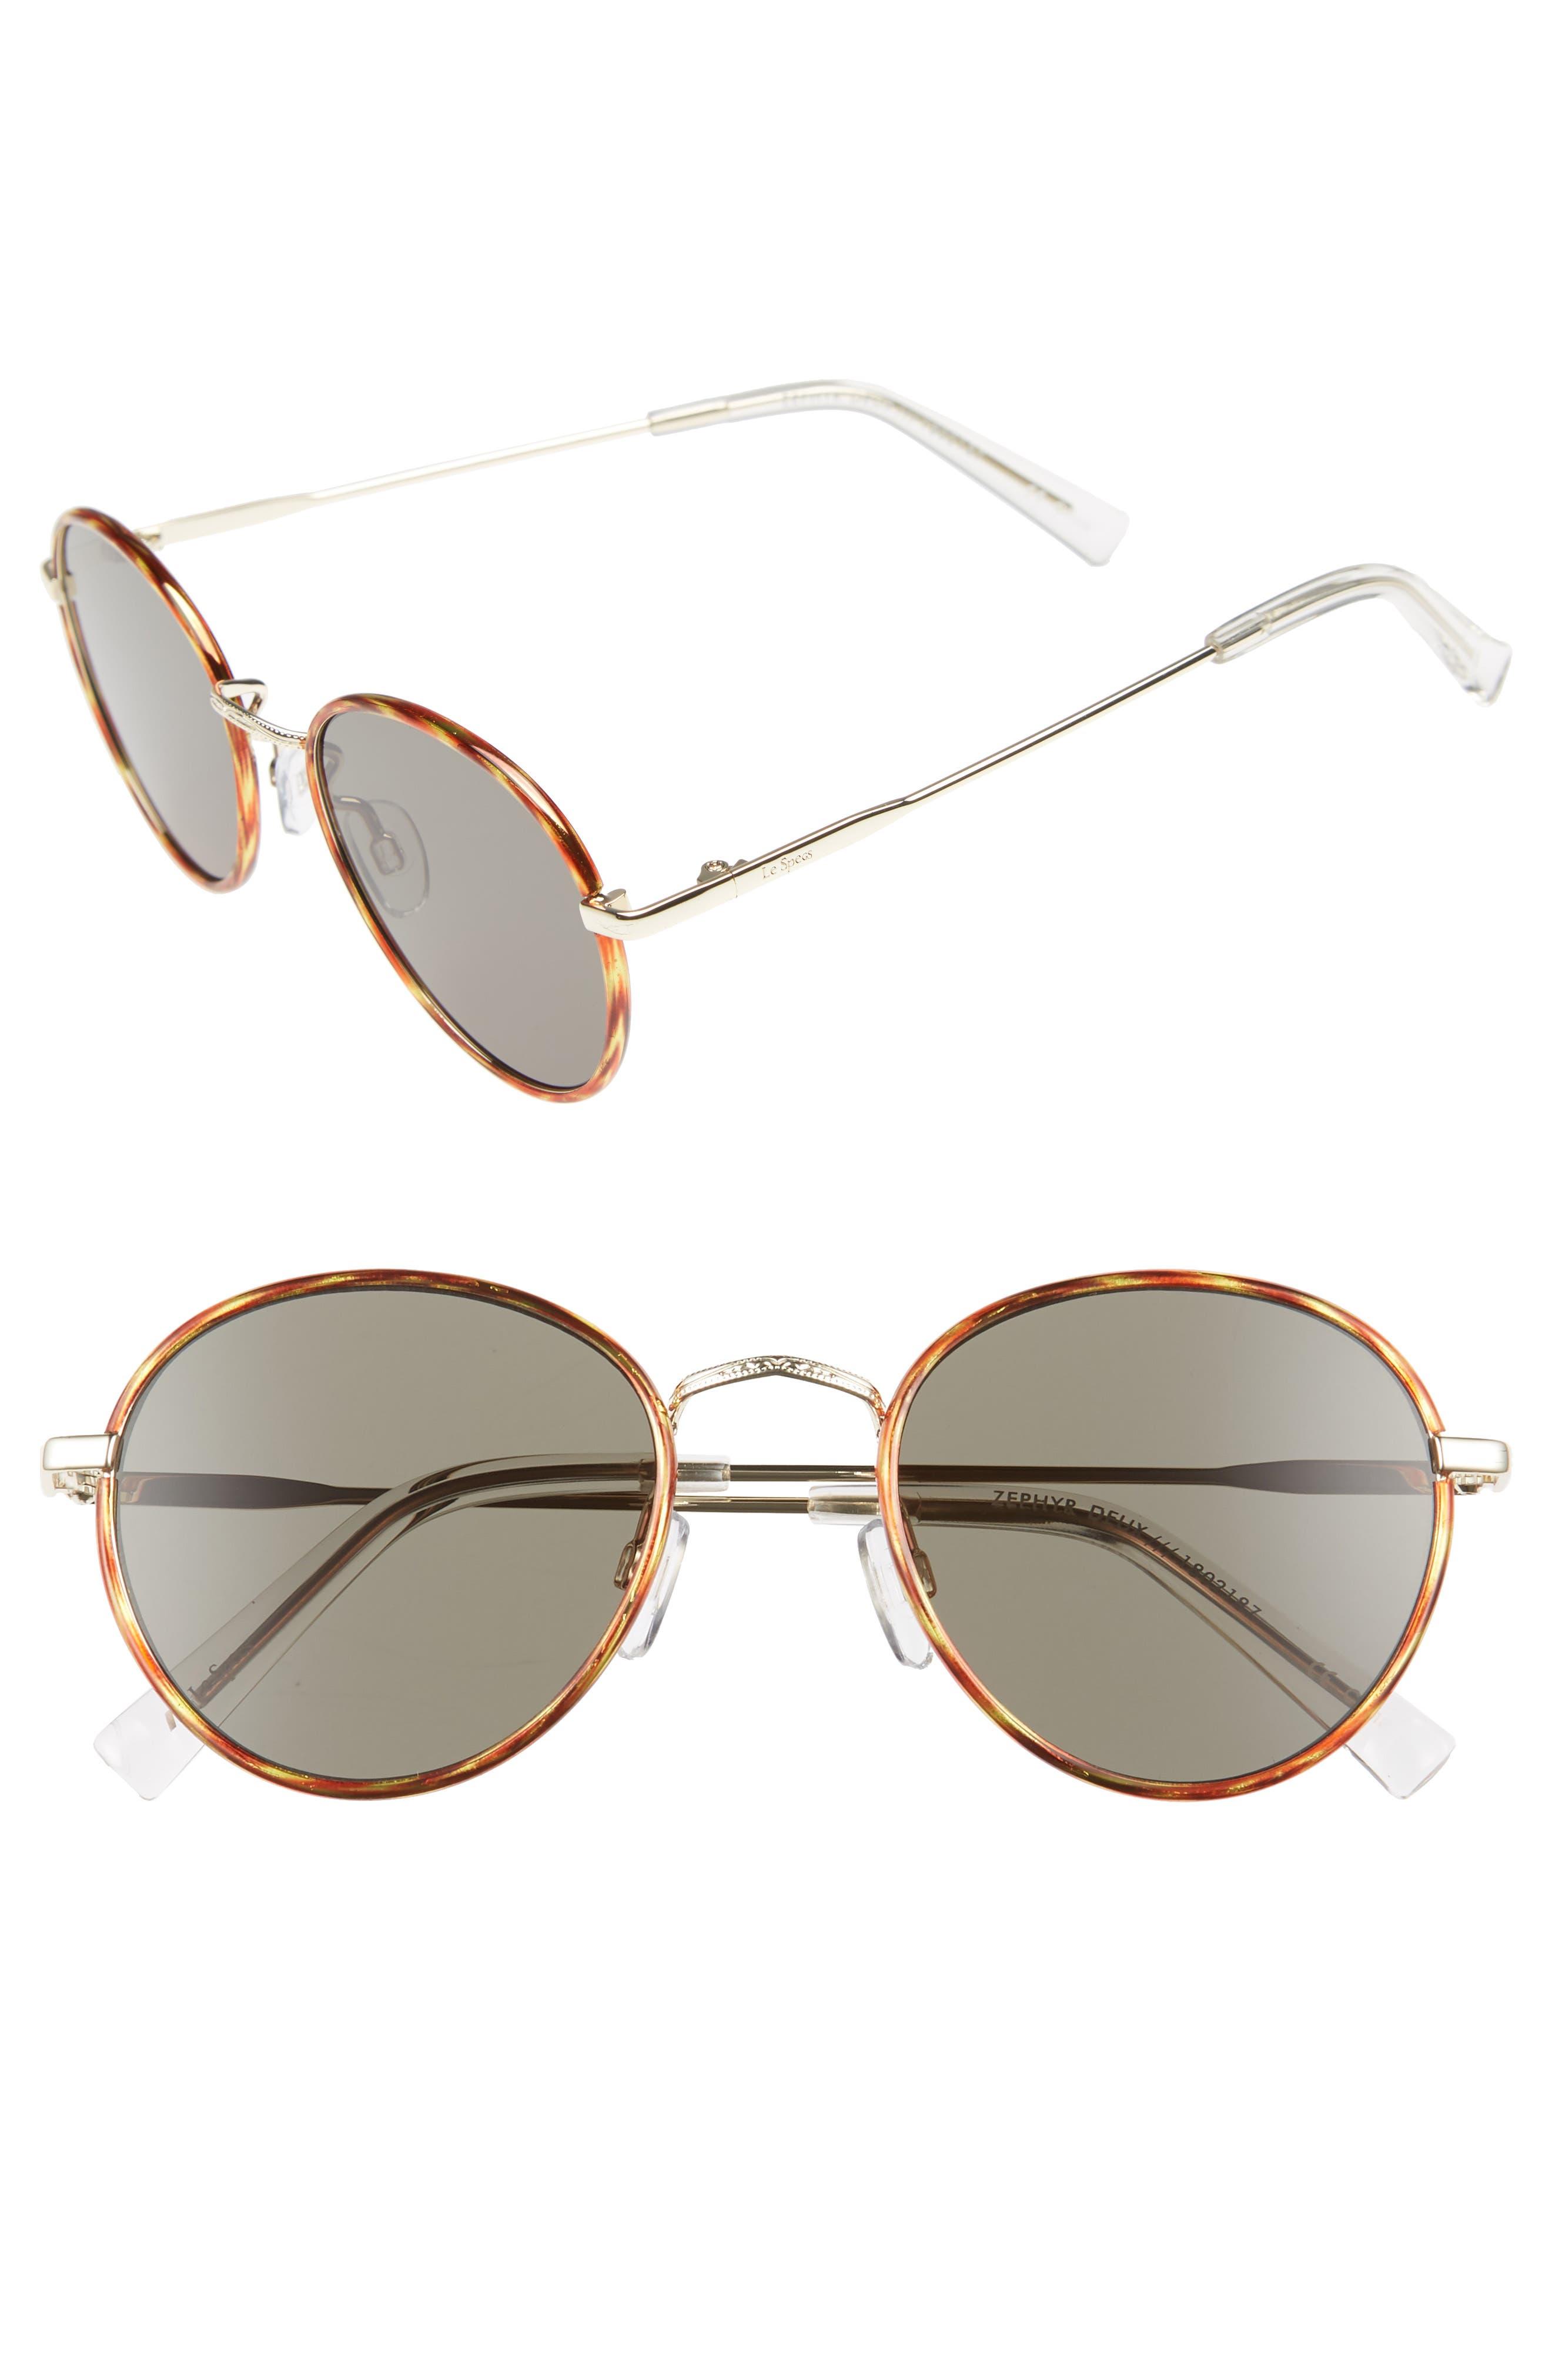 Zephyr Deux 50mm Round Sunglasses,                         Main,                         color, VINTAGE TORTOISE